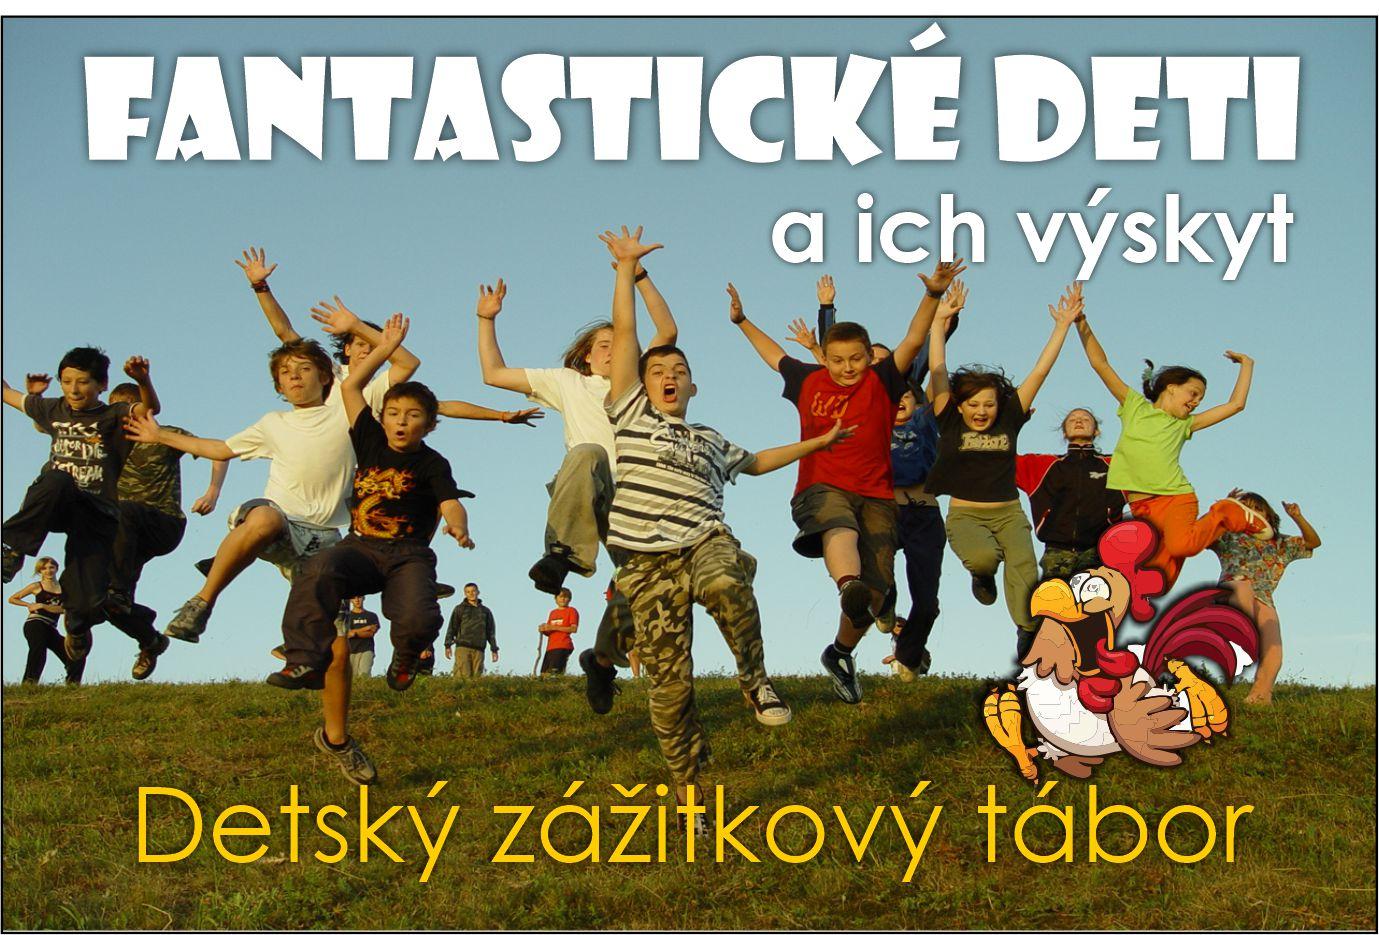 Fantastické deti a ich výskyt